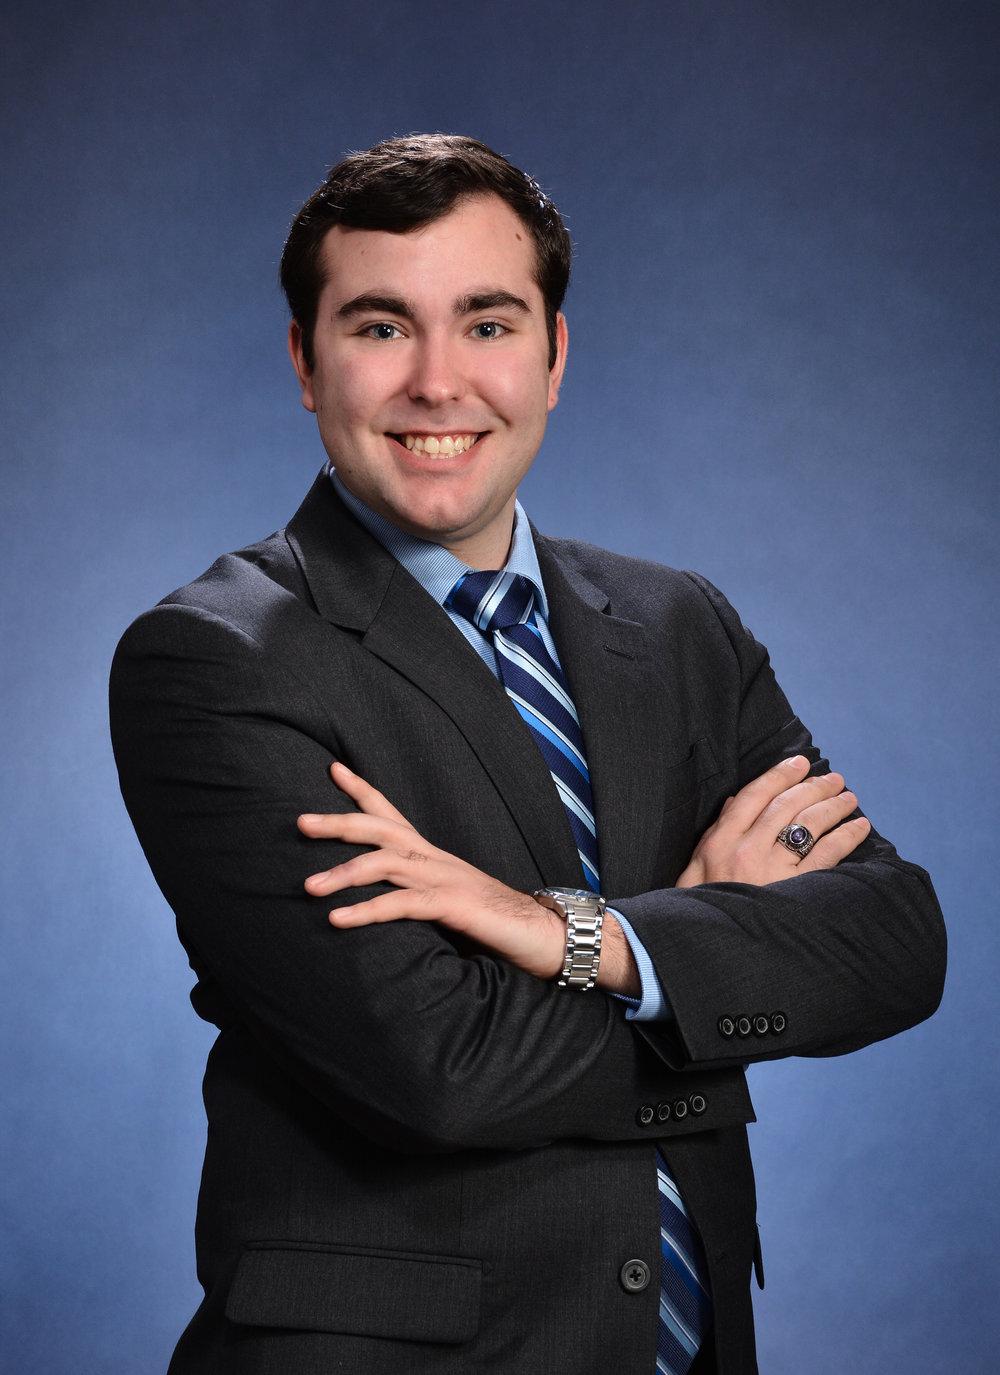 Nathan Bowles headshot.JPG